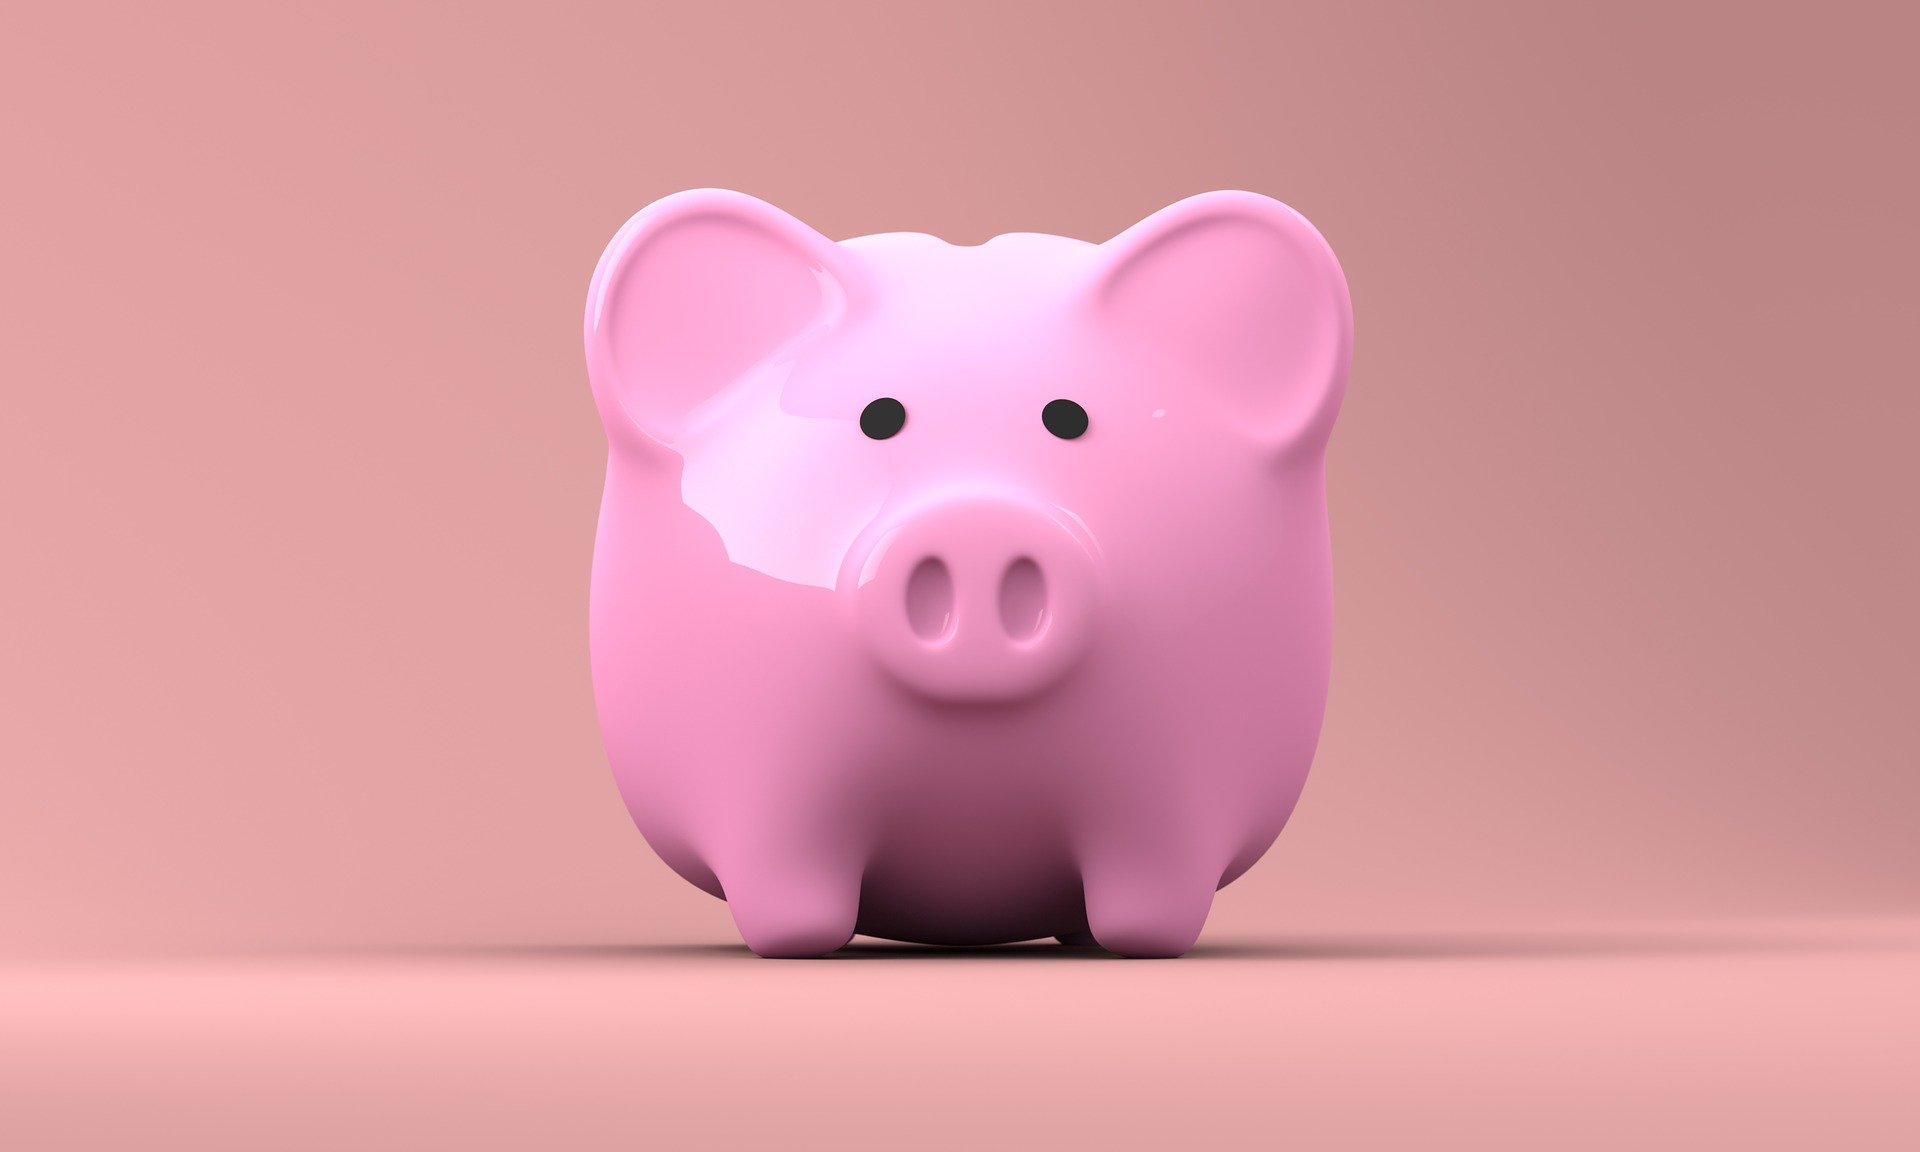 カードローンの過払い金とは?仕組みや発生条件・請求方法を解説